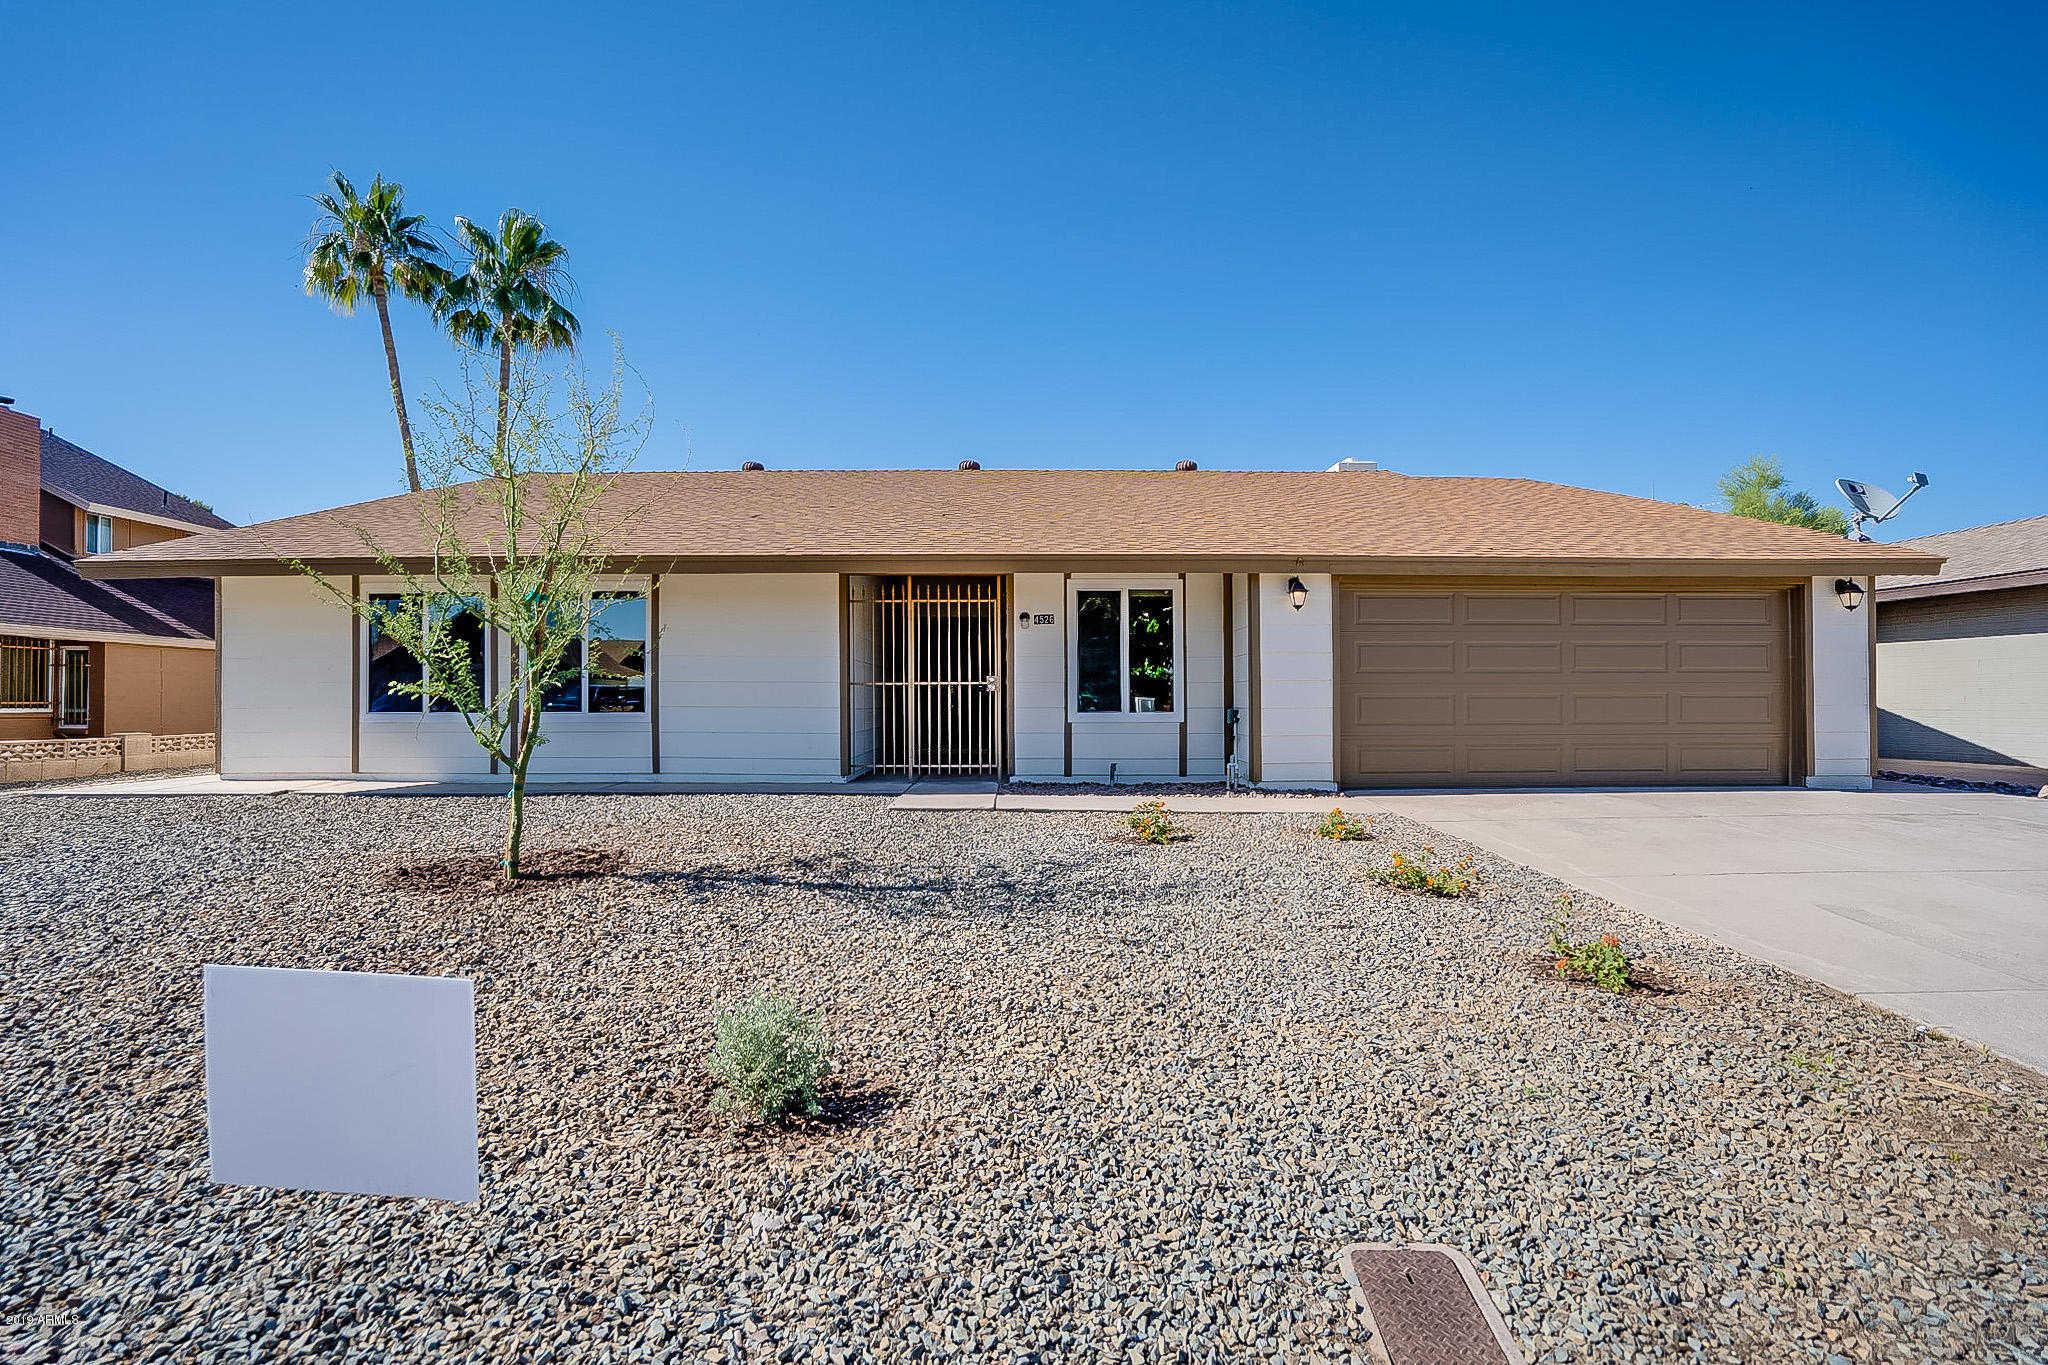 $329,900 - 5Br/3Ba - Home for Sale in Westminster Village Amd, Glendale